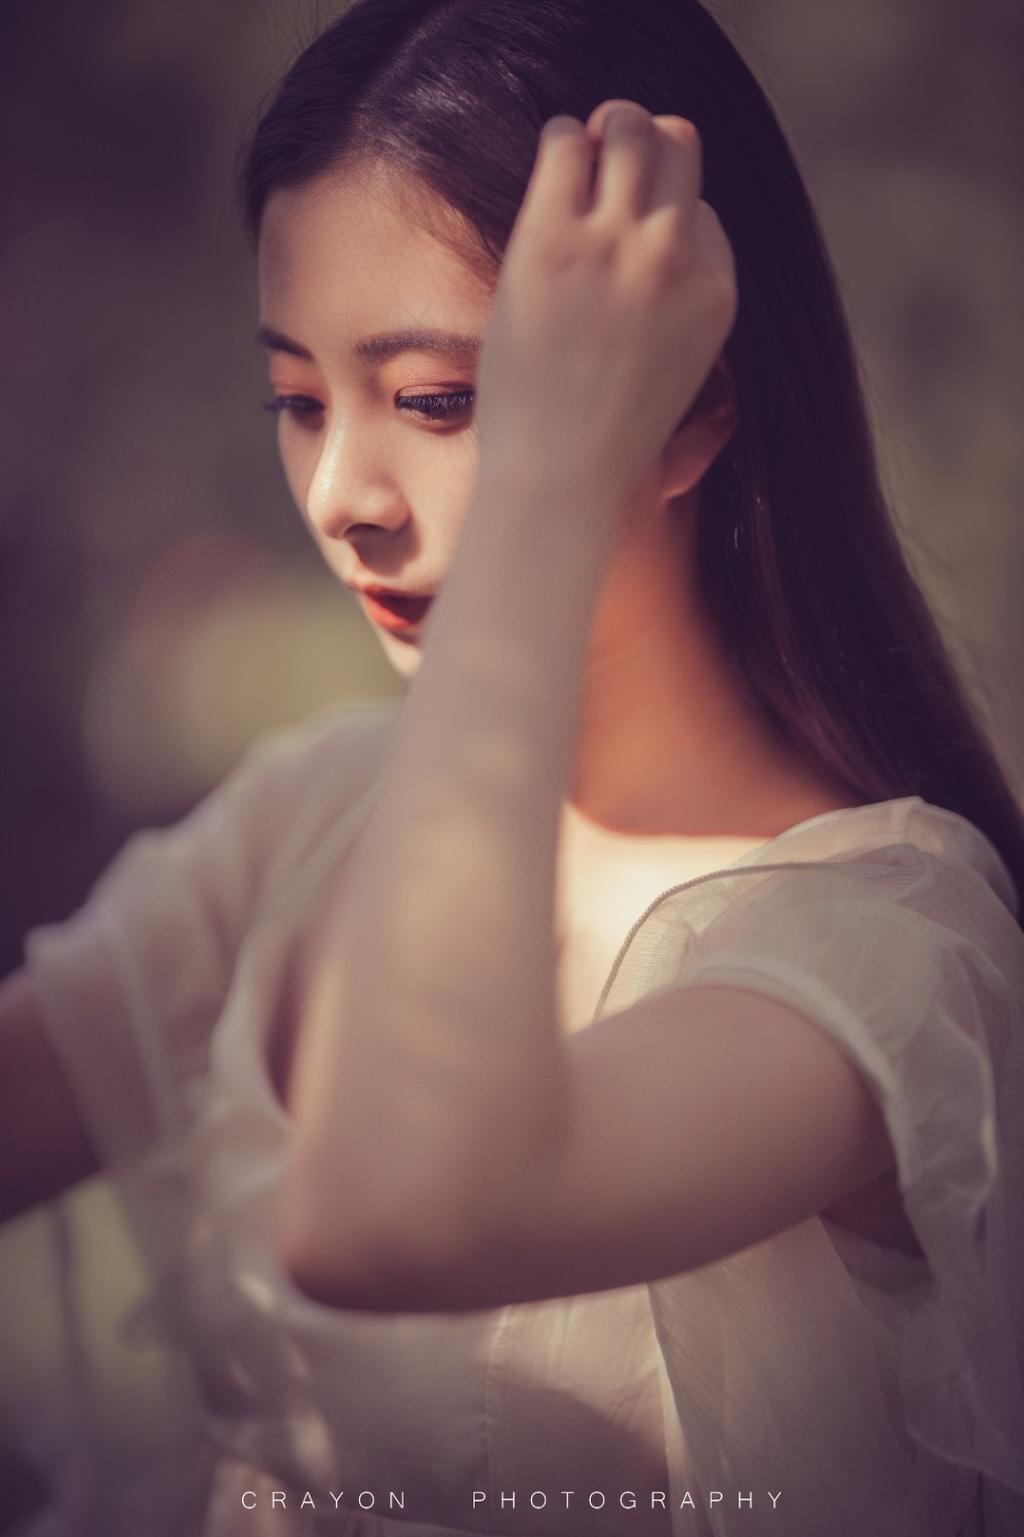 《暮光中的少女》外拍人像摄影作品